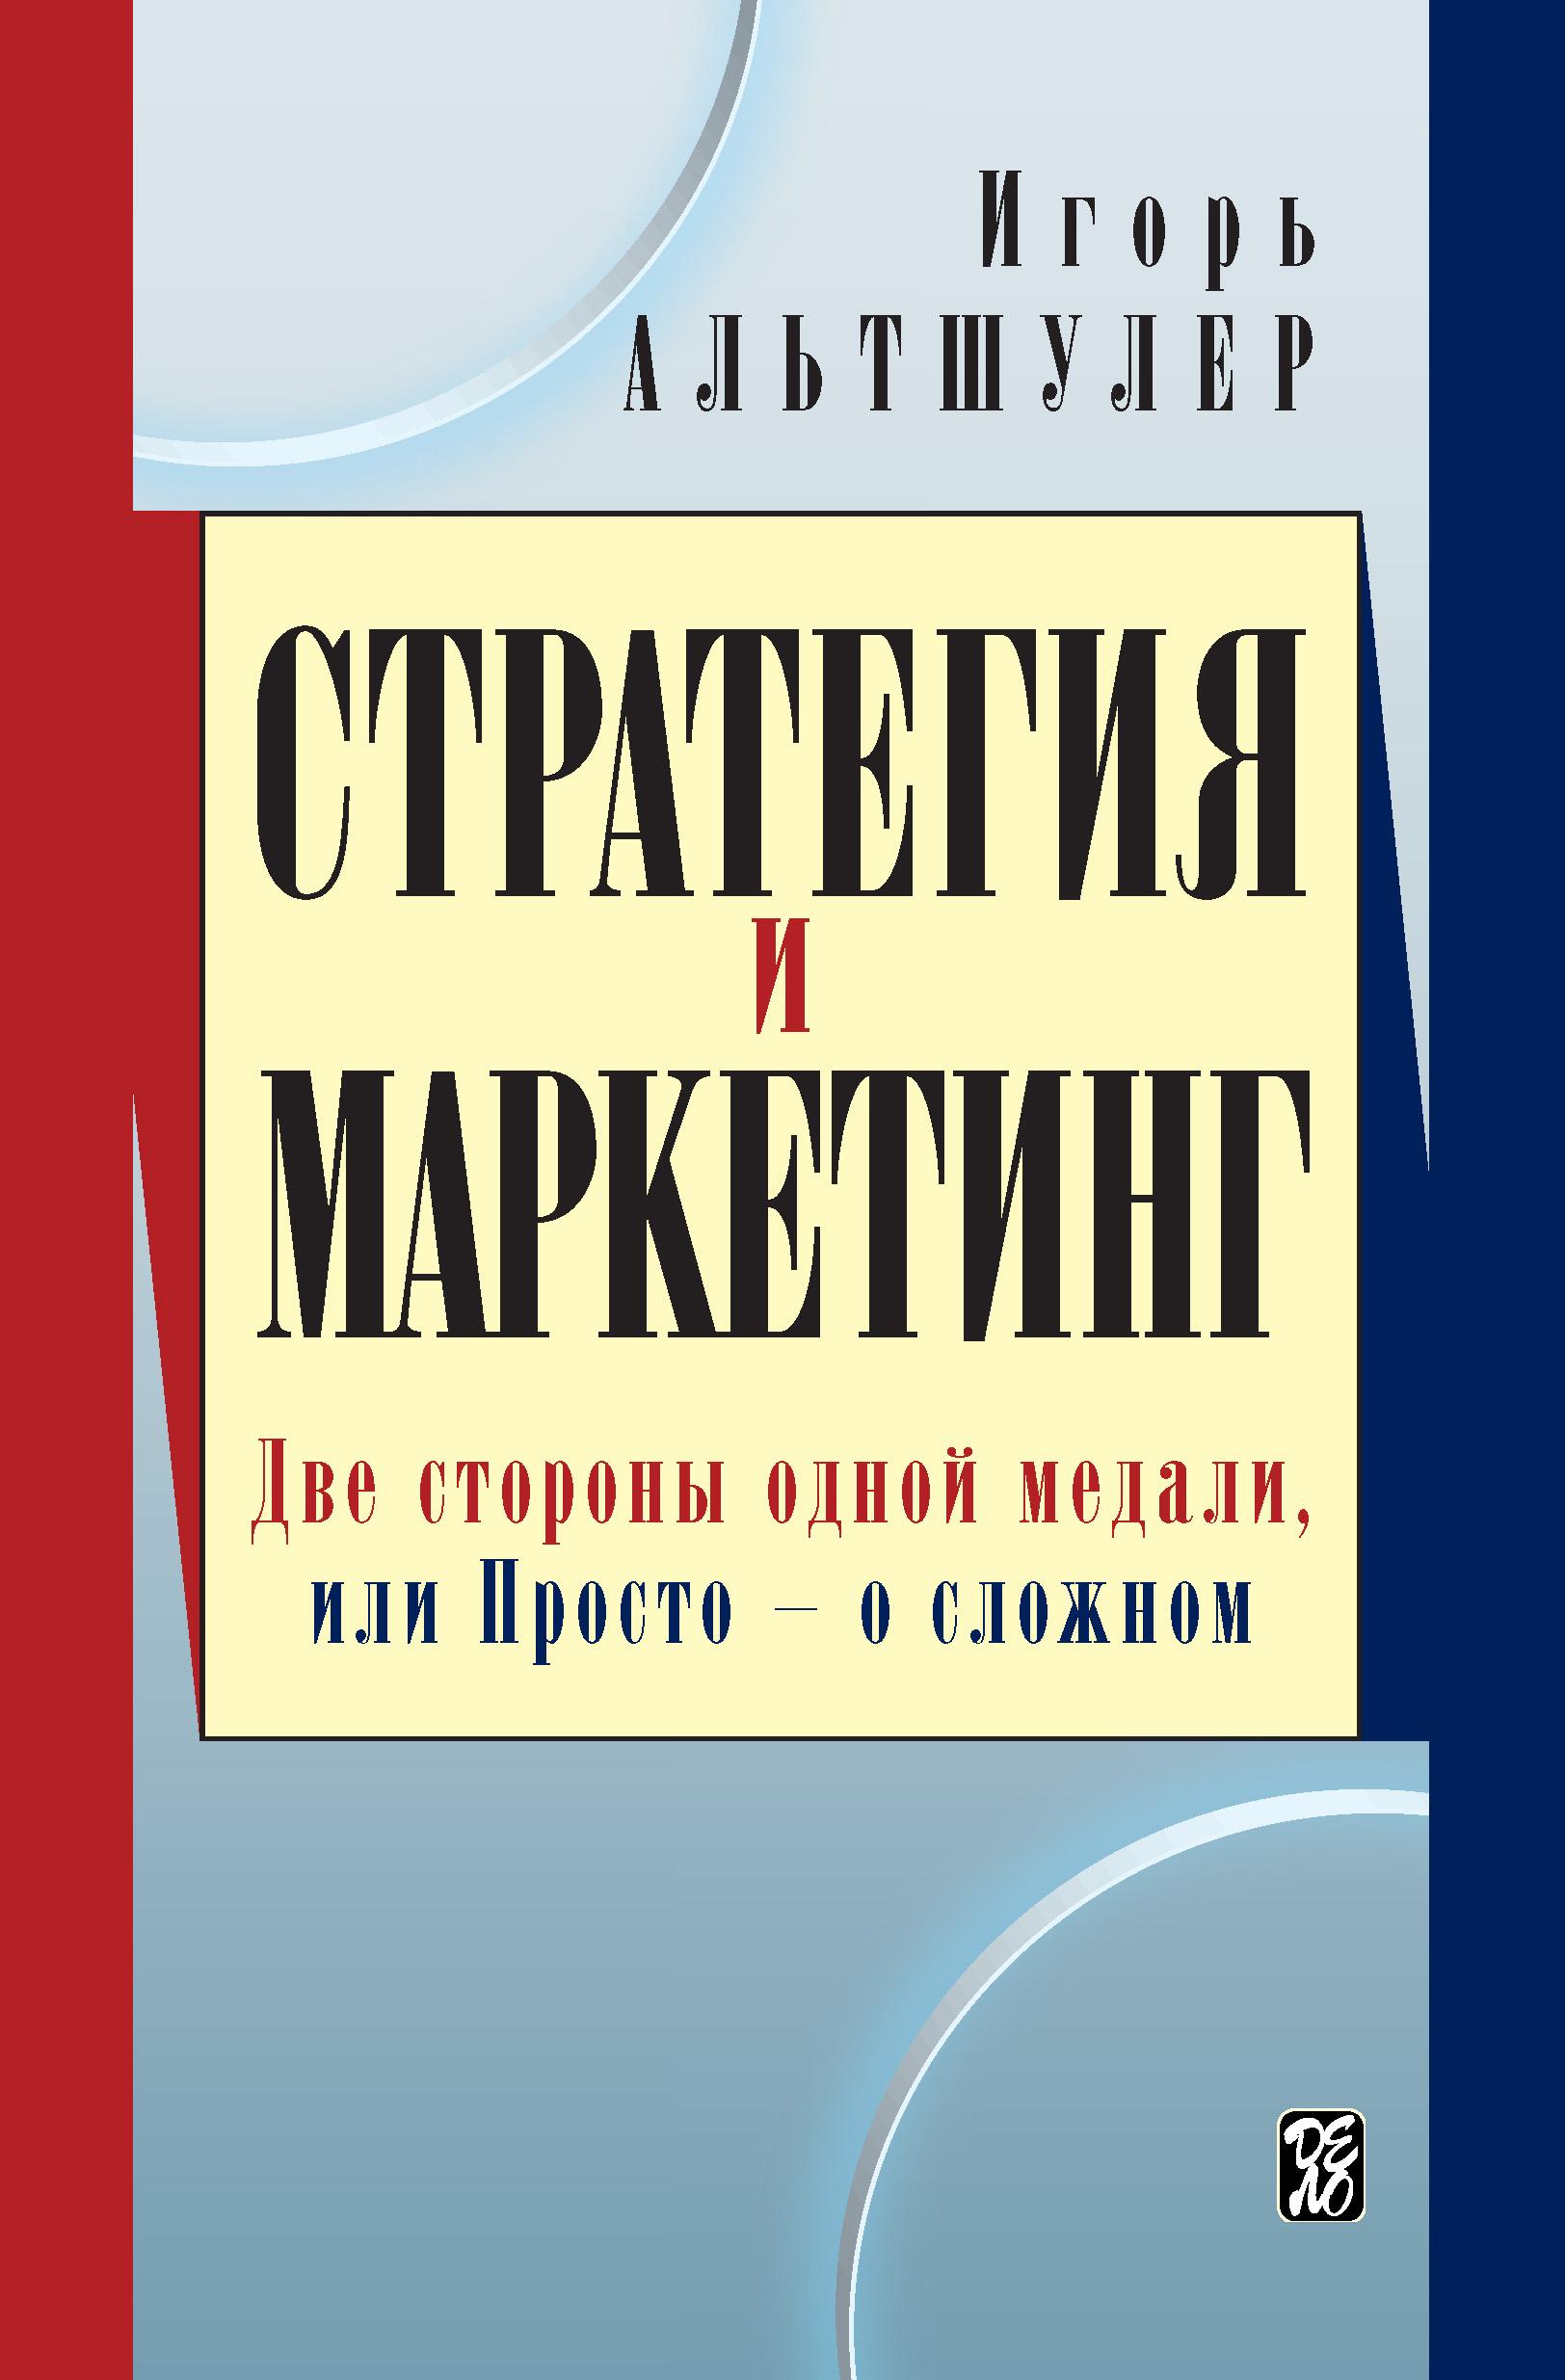 Обложка книги. Автор - Игорь Альтшулер